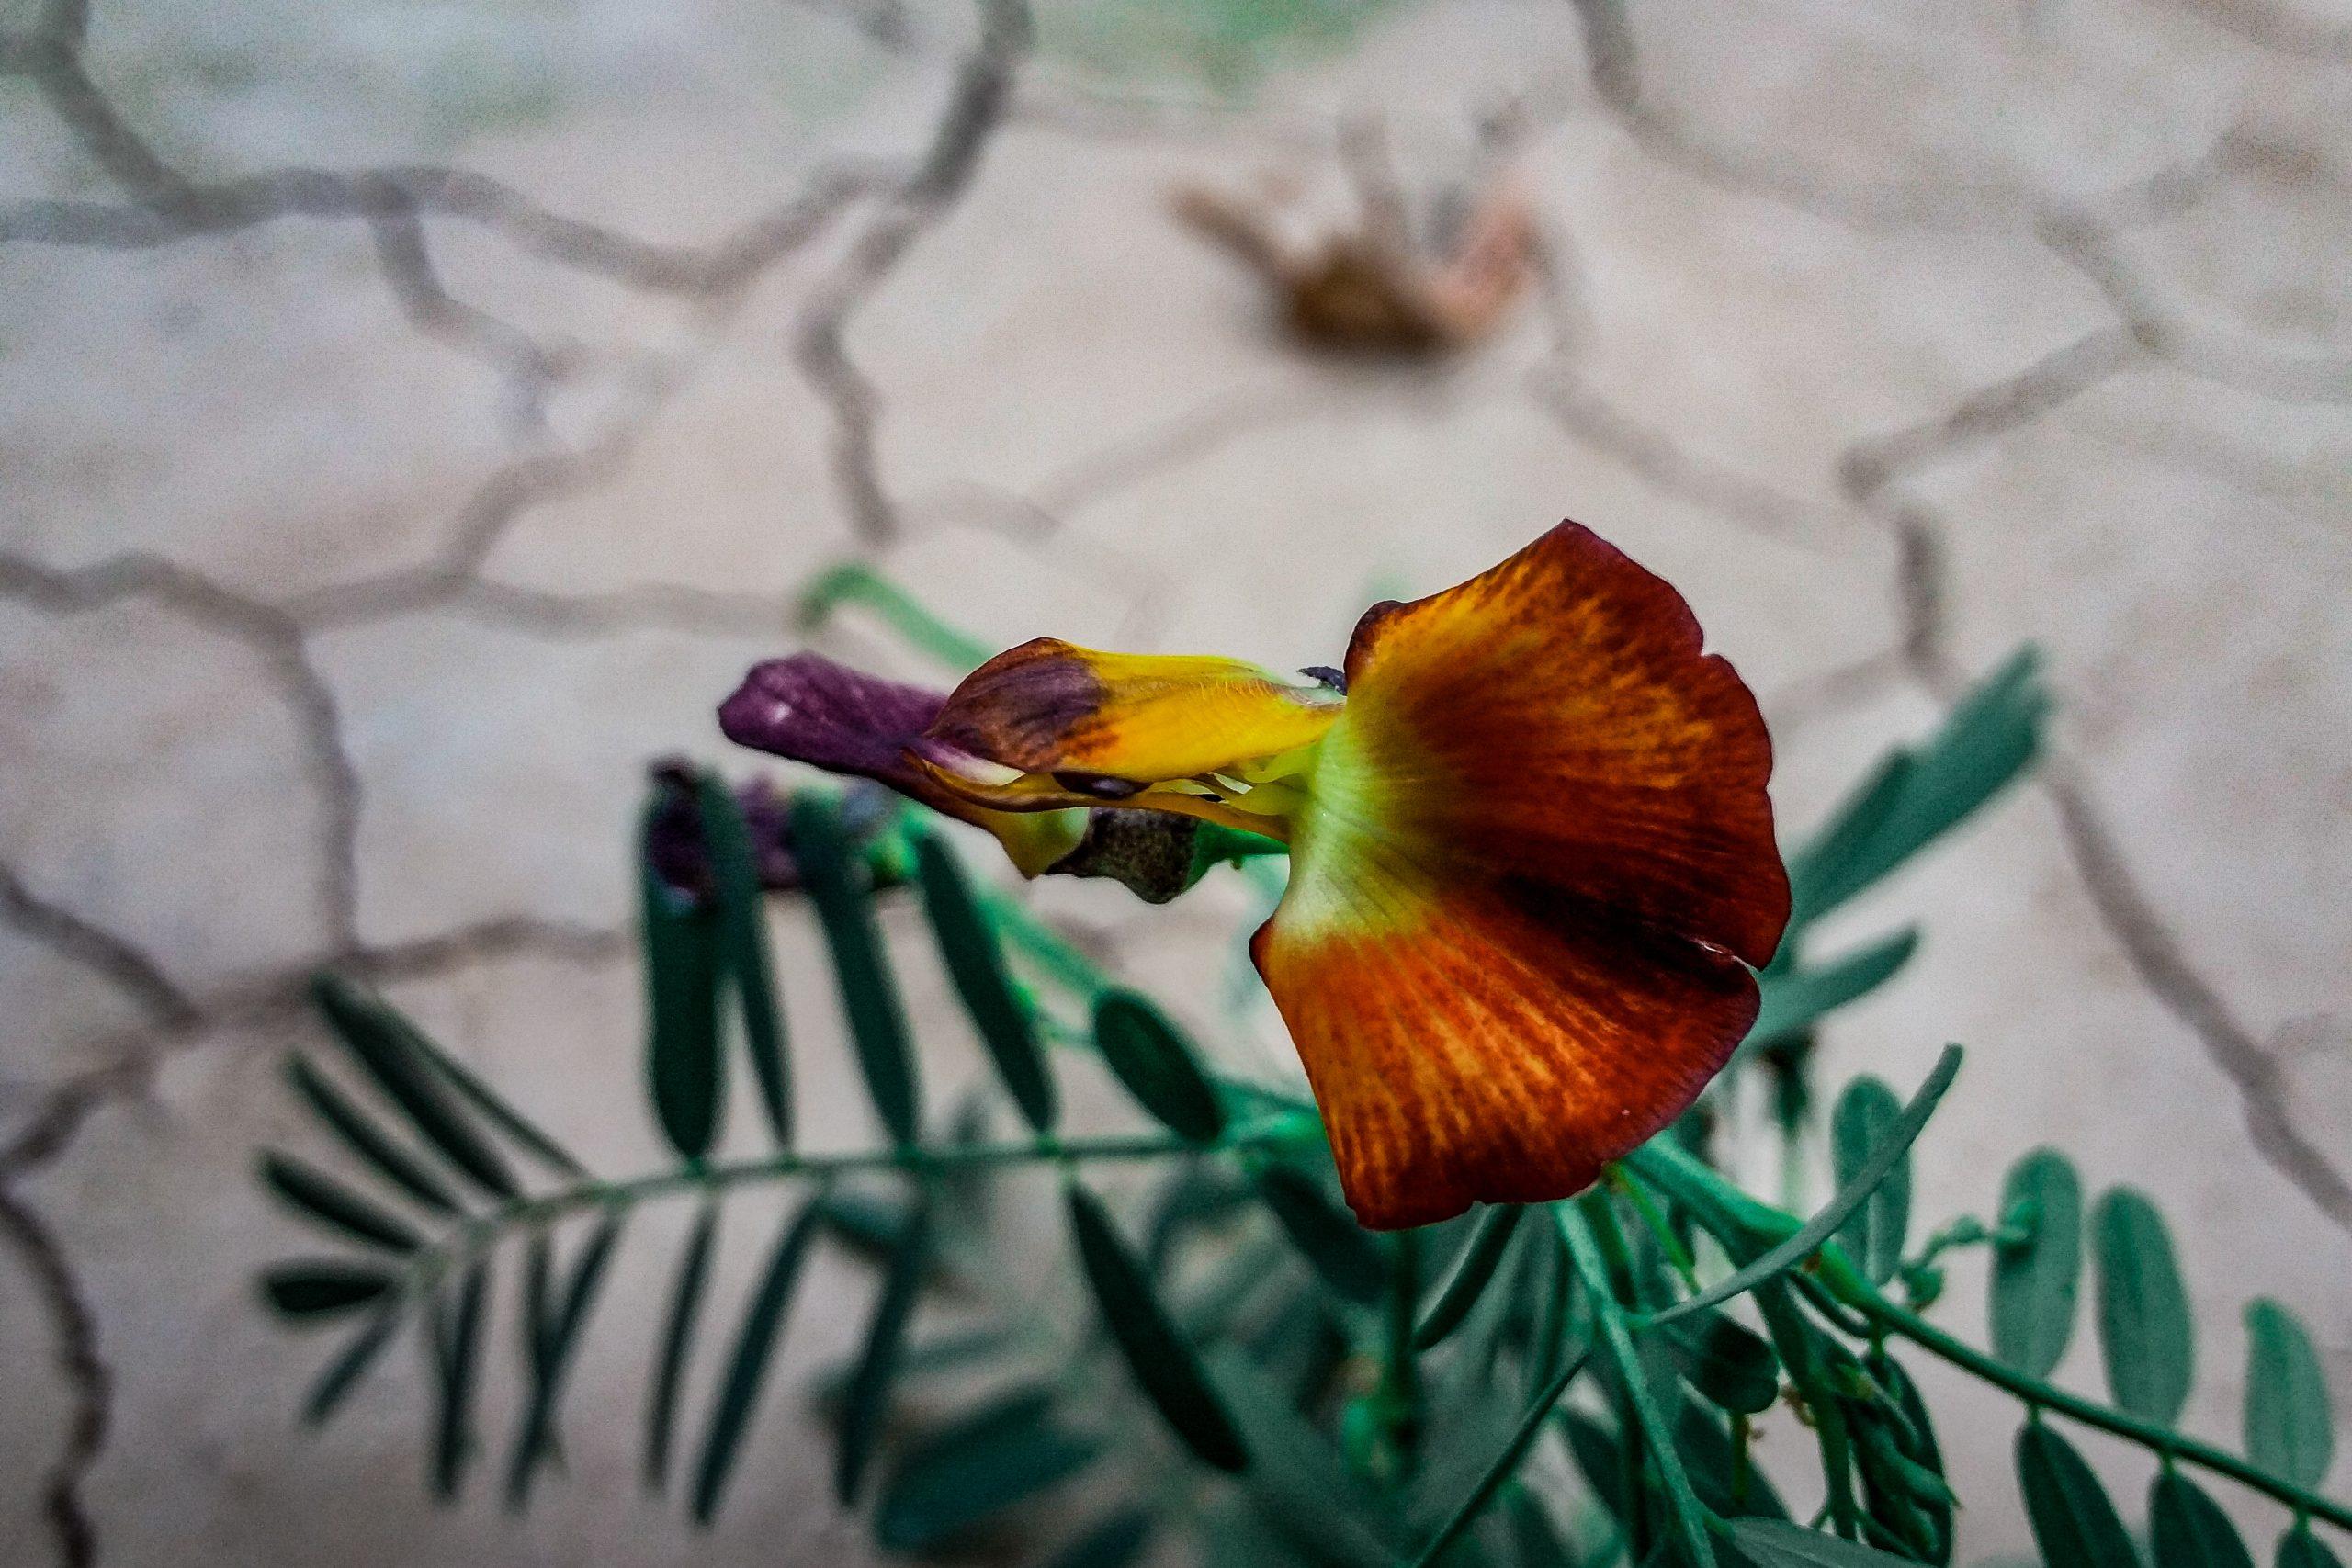 A flower petal close-up shot